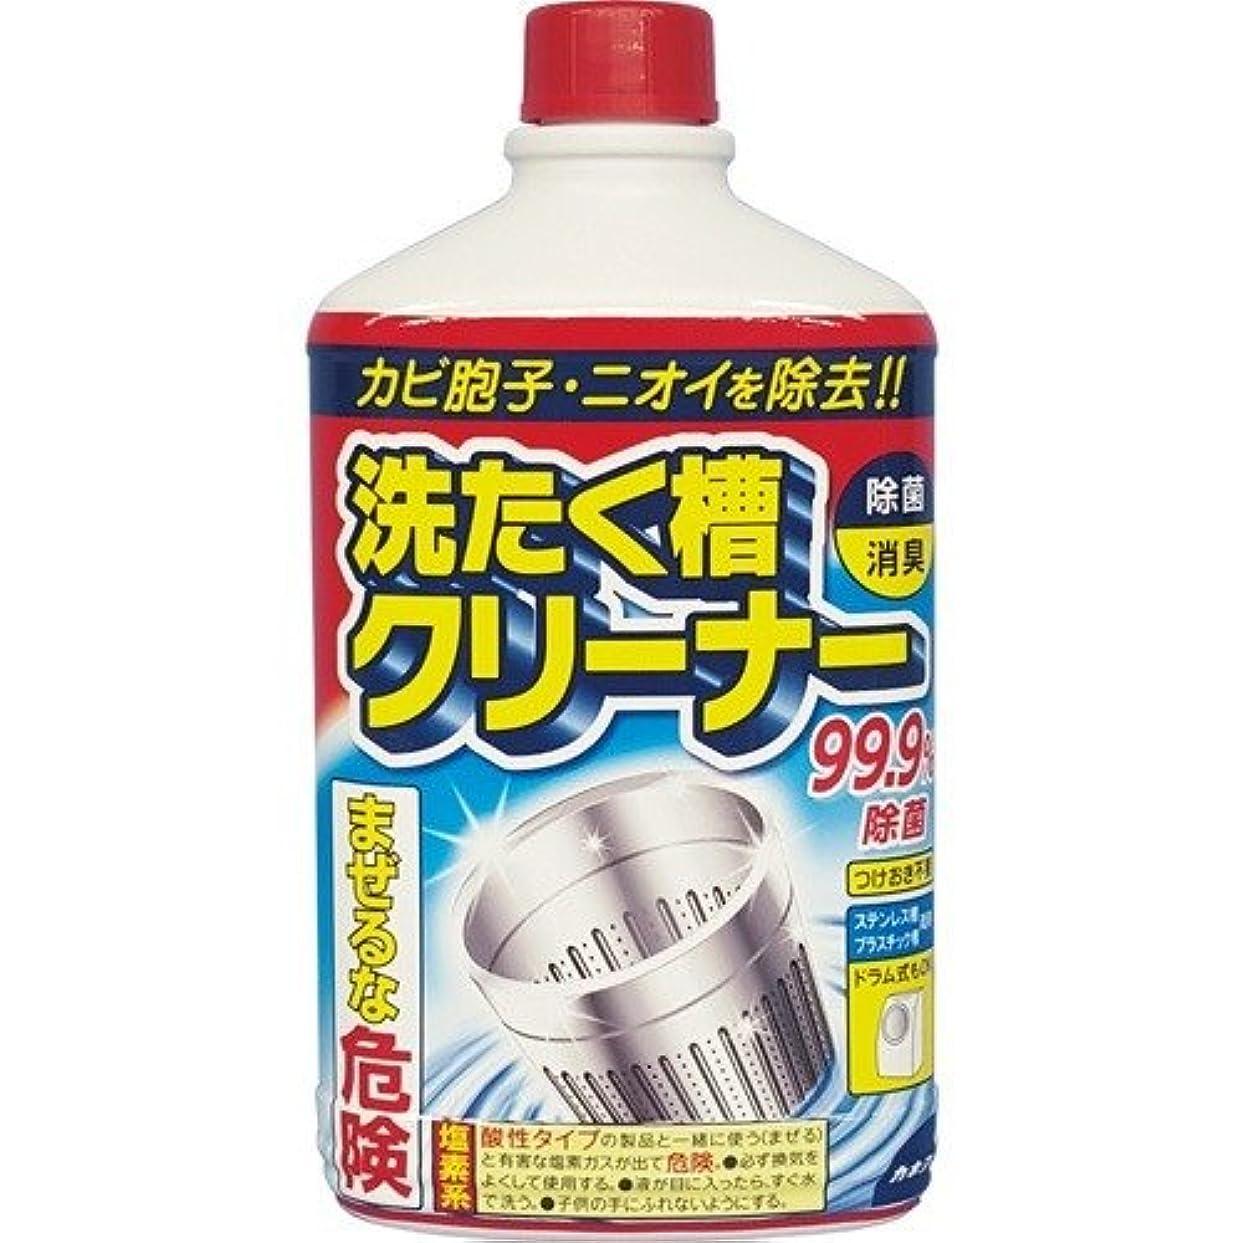 分解する反対立派な洗たく槽クリ-ナ- 550g